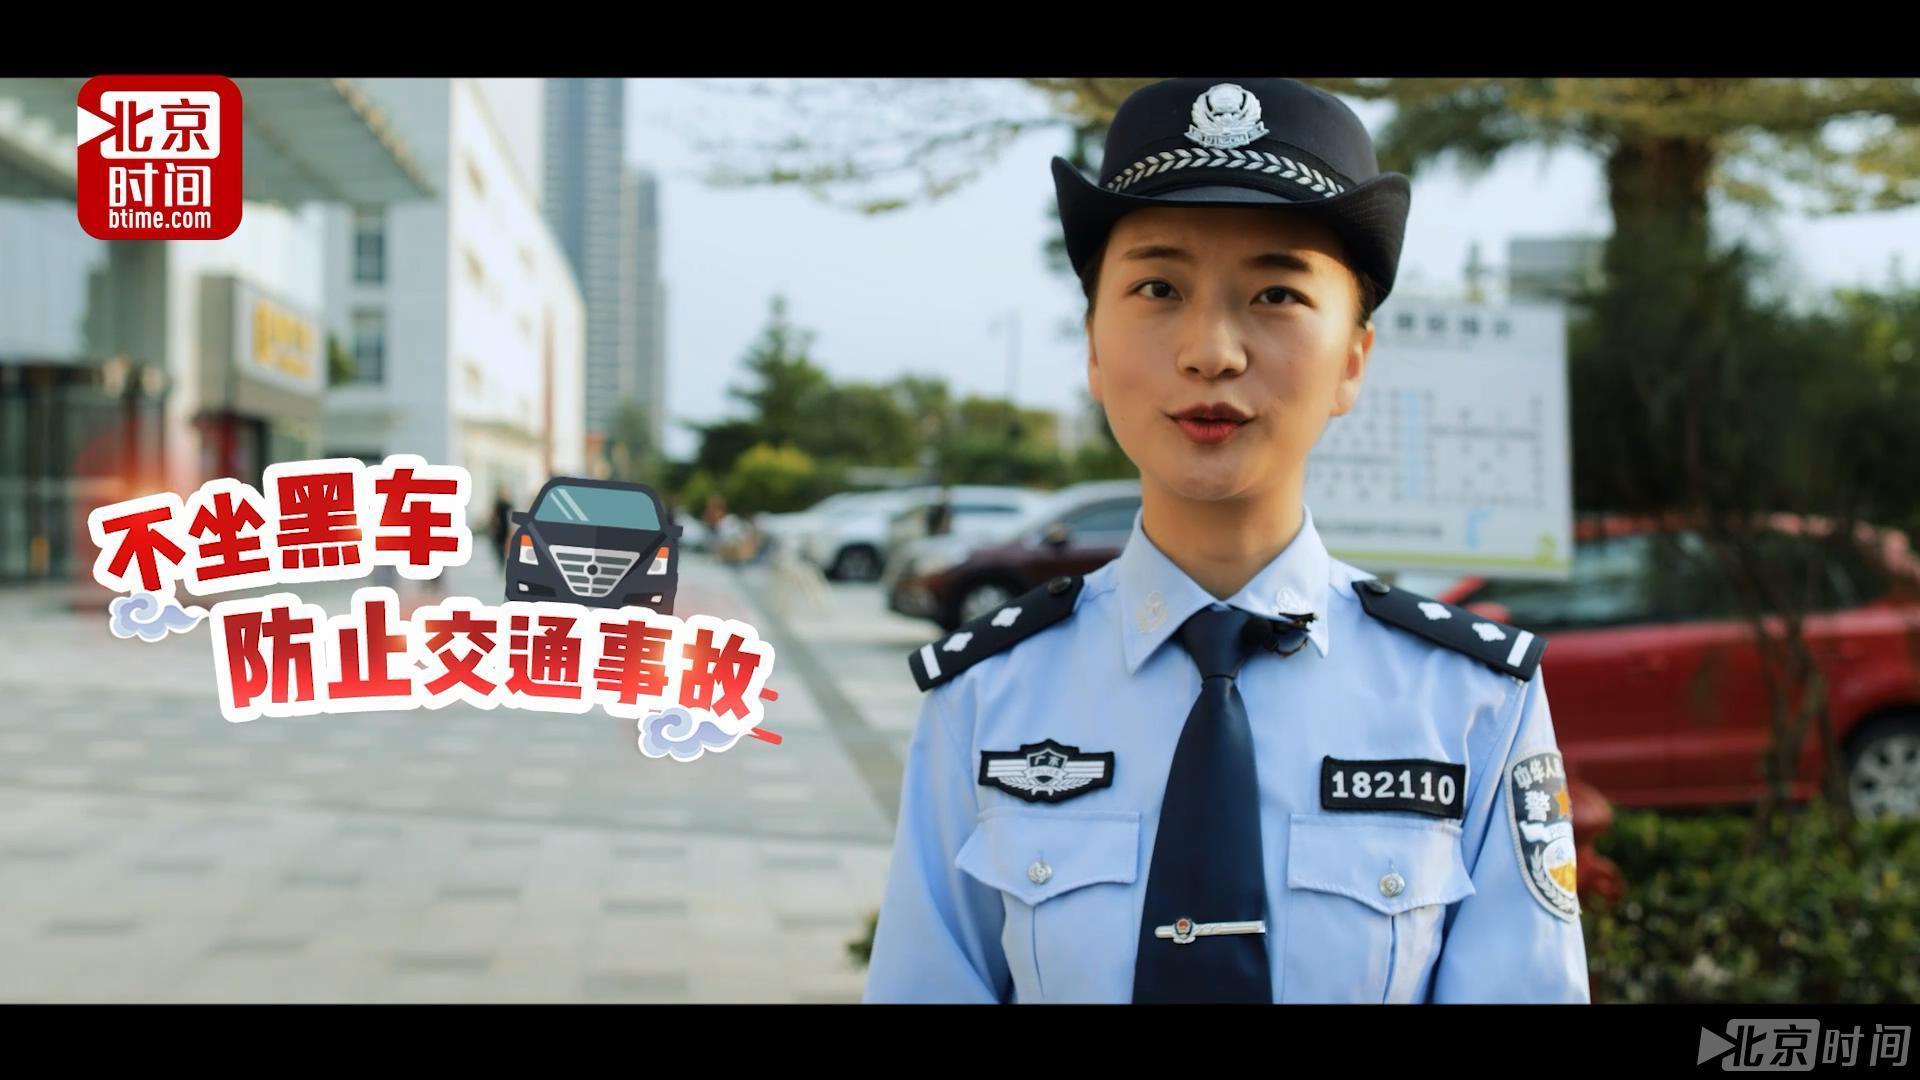 警官�y�-��+_养眼又实用!美女警官倾情演绎国庆假期安全防范攻略